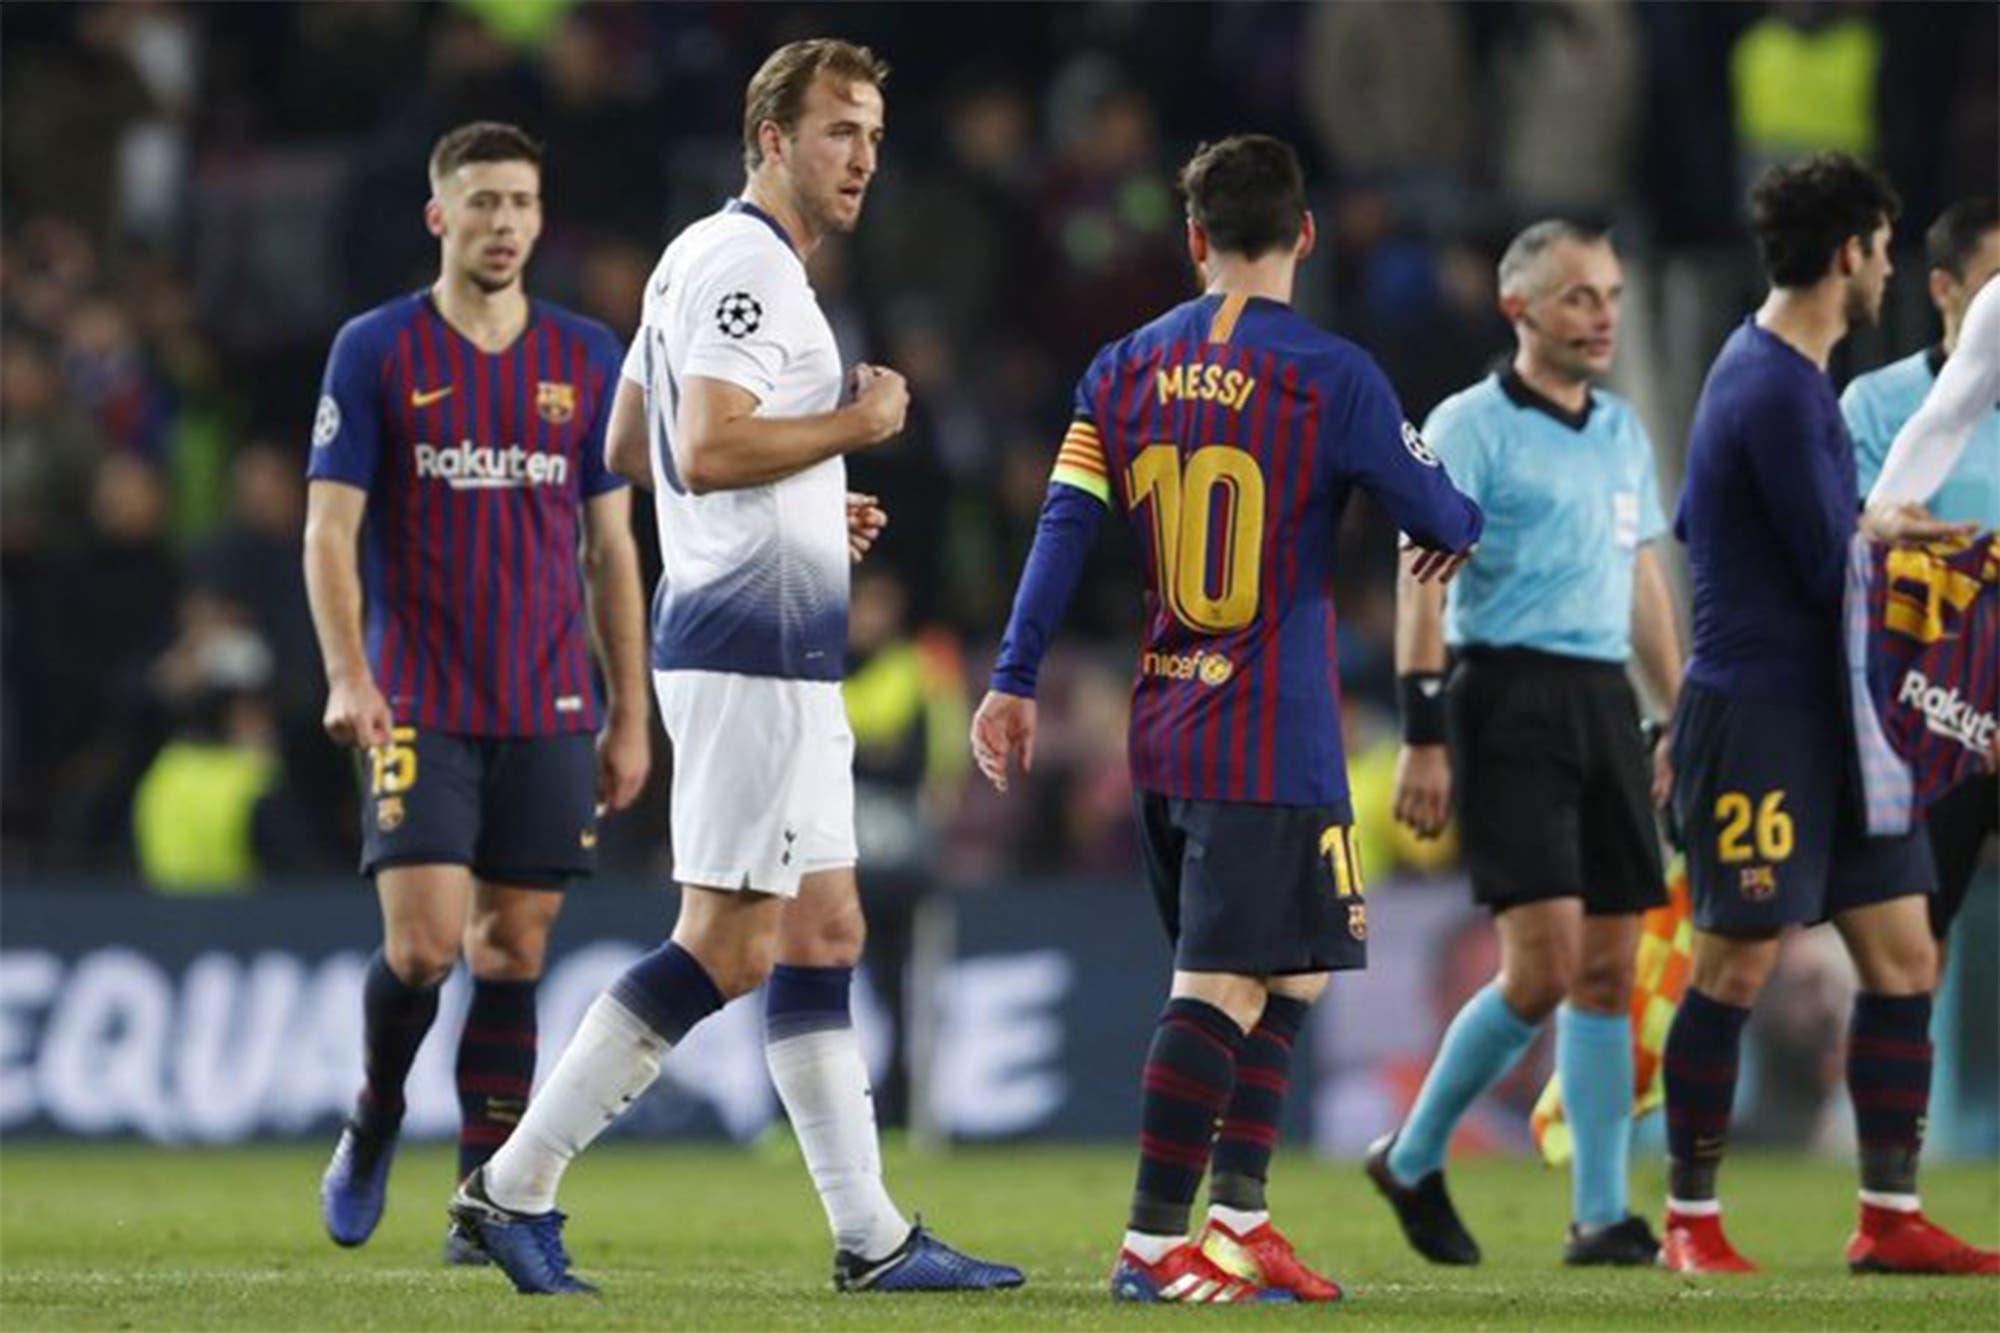 El Clasico Imposible Argentina Inglaterra La Extrana Ausencia En El Lujoso Catalogo De Lionel Messi La Nacion